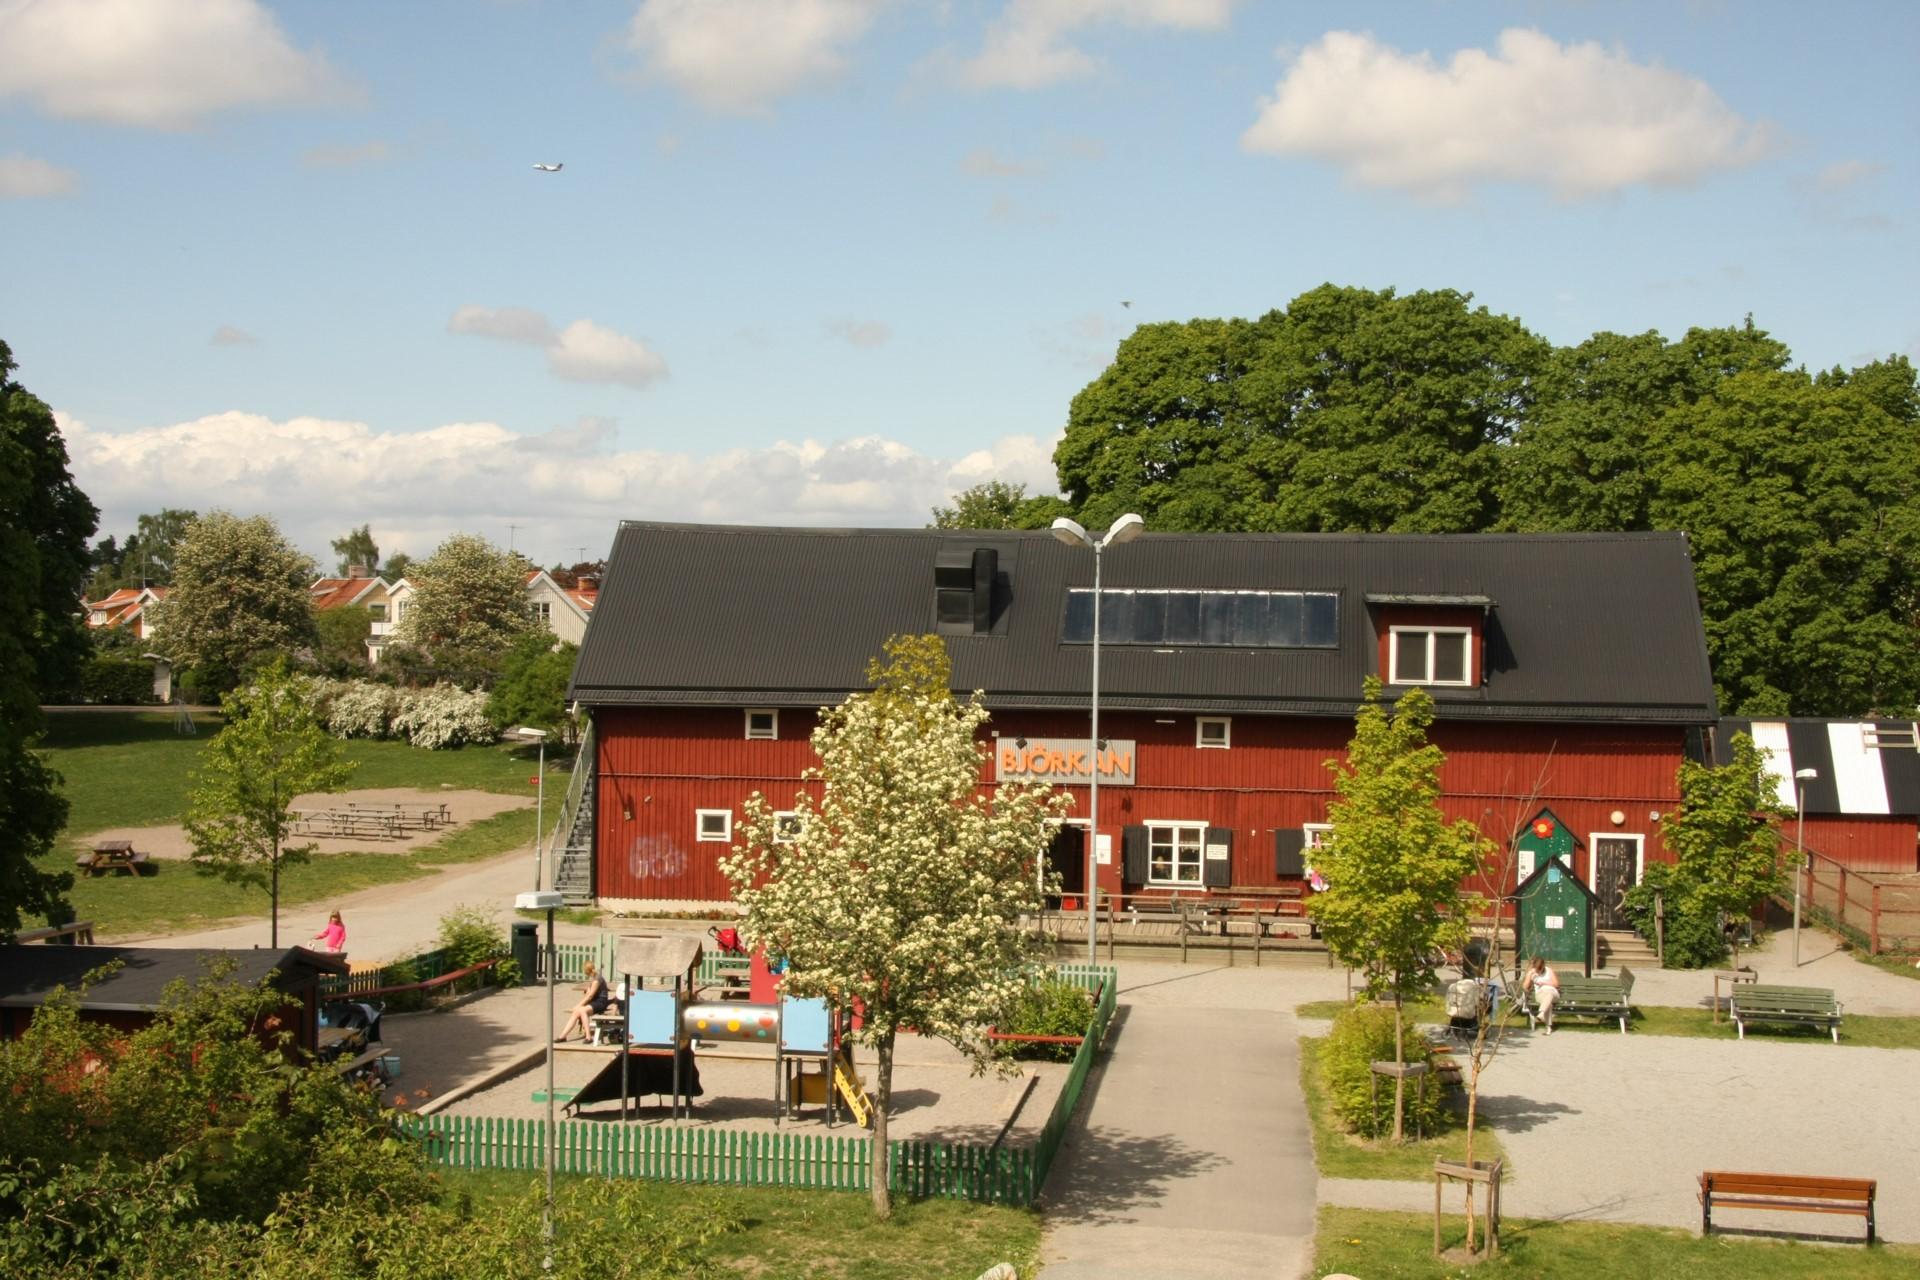 Björklundshage